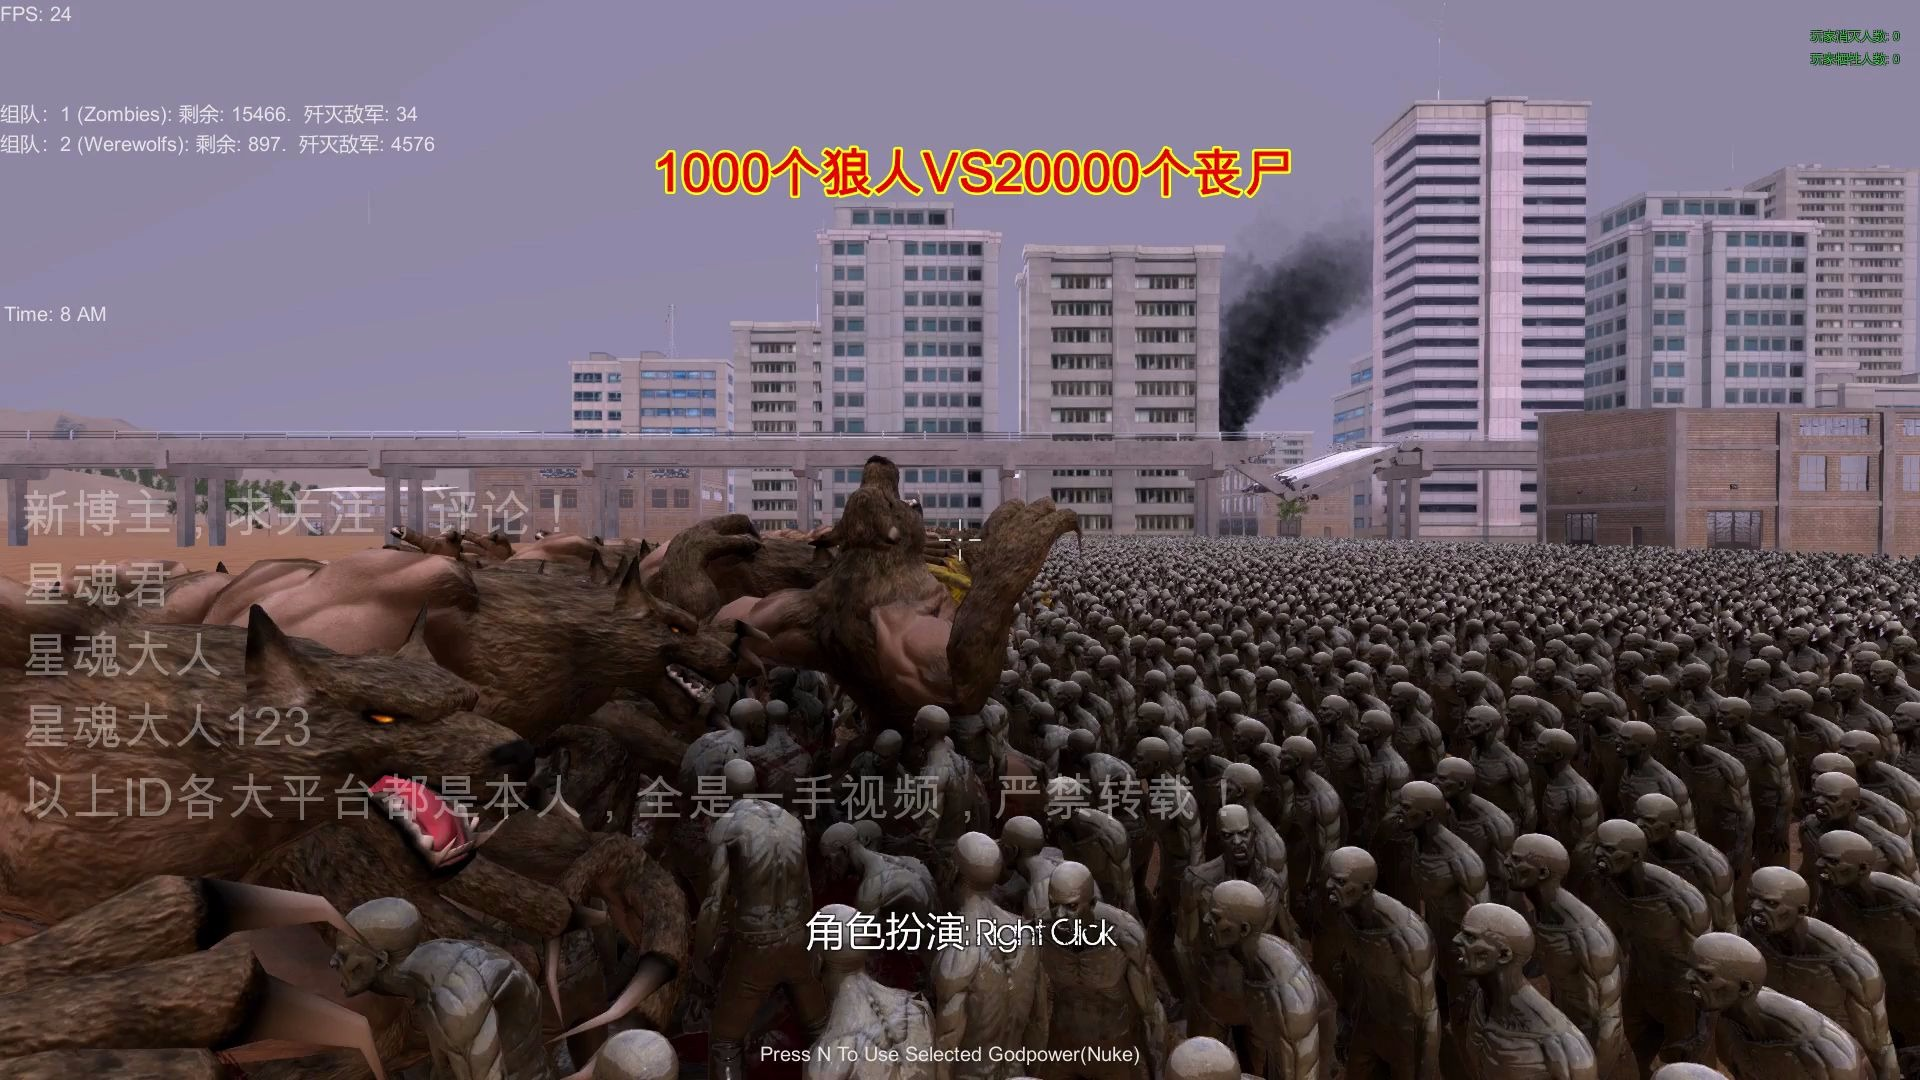 1000只狼人大战20000只丧尸?谁能取胜!